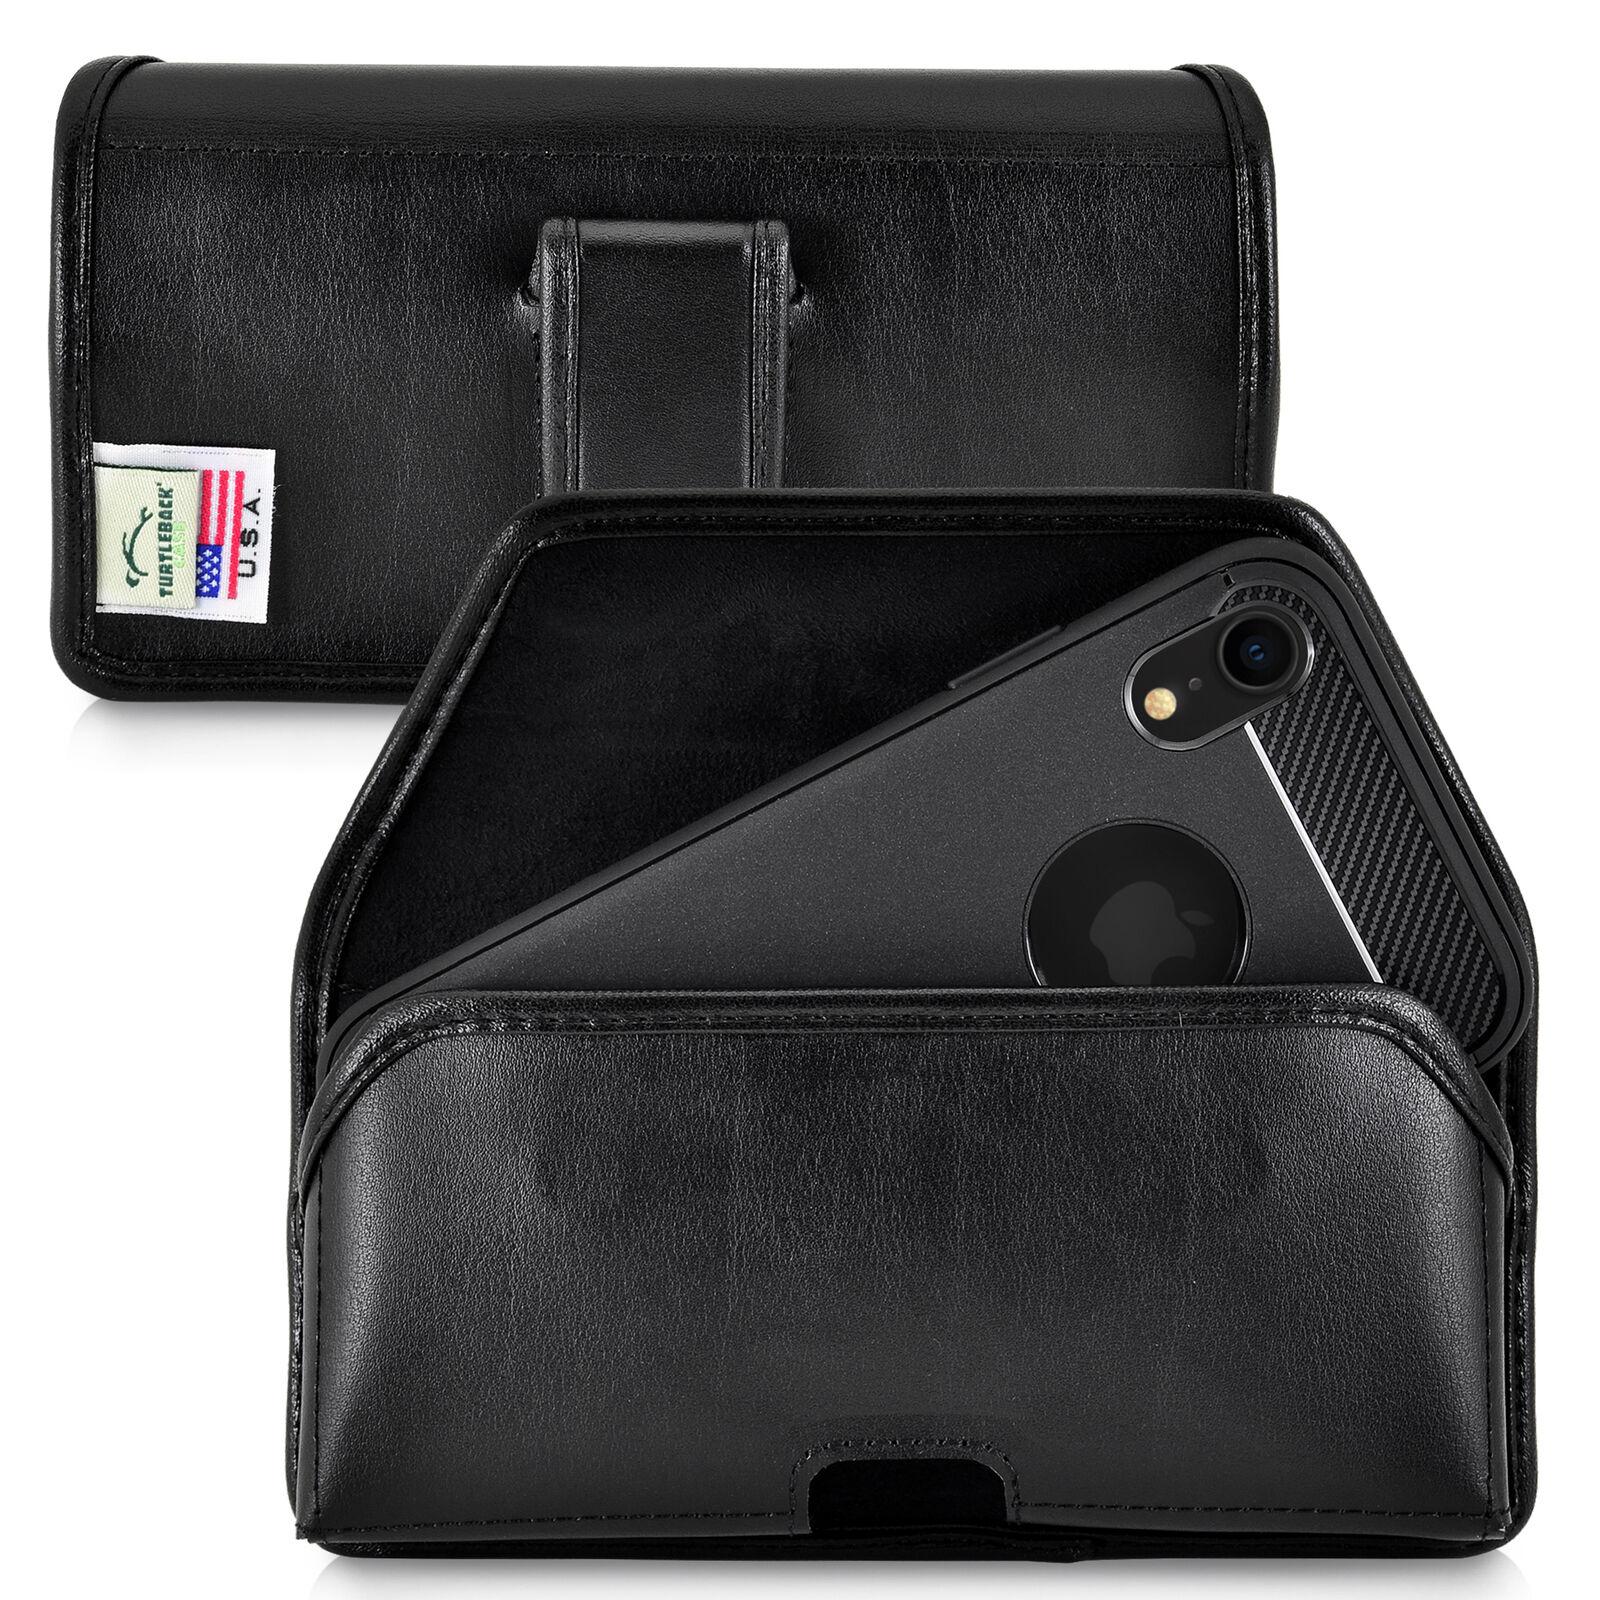 iphone-11-xr-turtleback-belt-holster-case-black-leather-executive-belt-clip